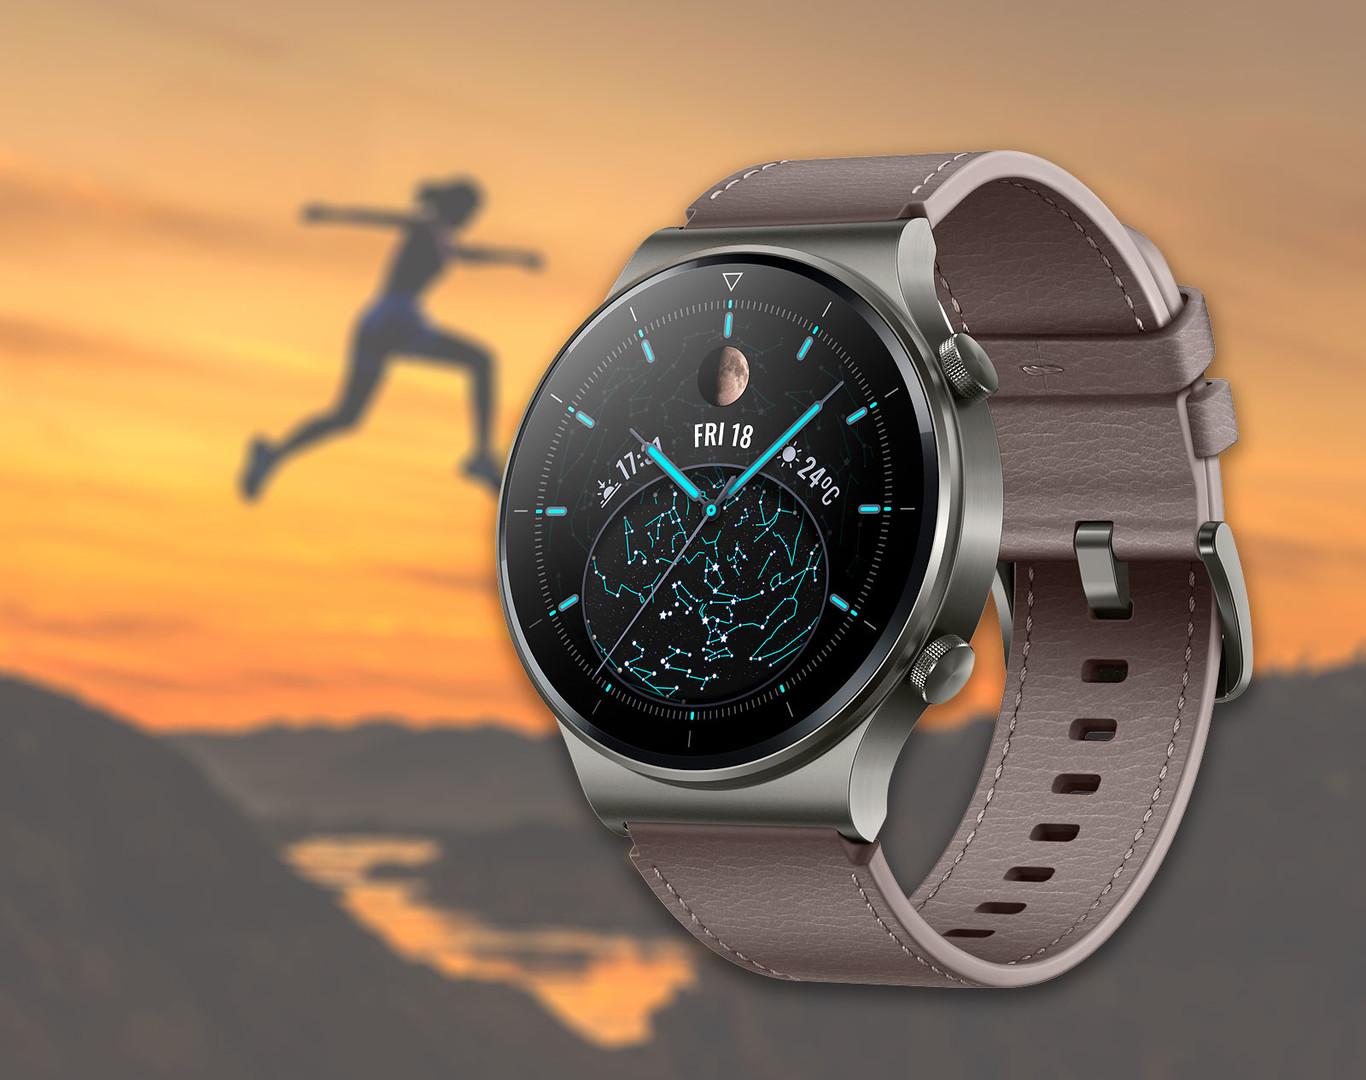 Nuevo Huawei Watch GT 2 Pro: características, precio y ficha técnica.